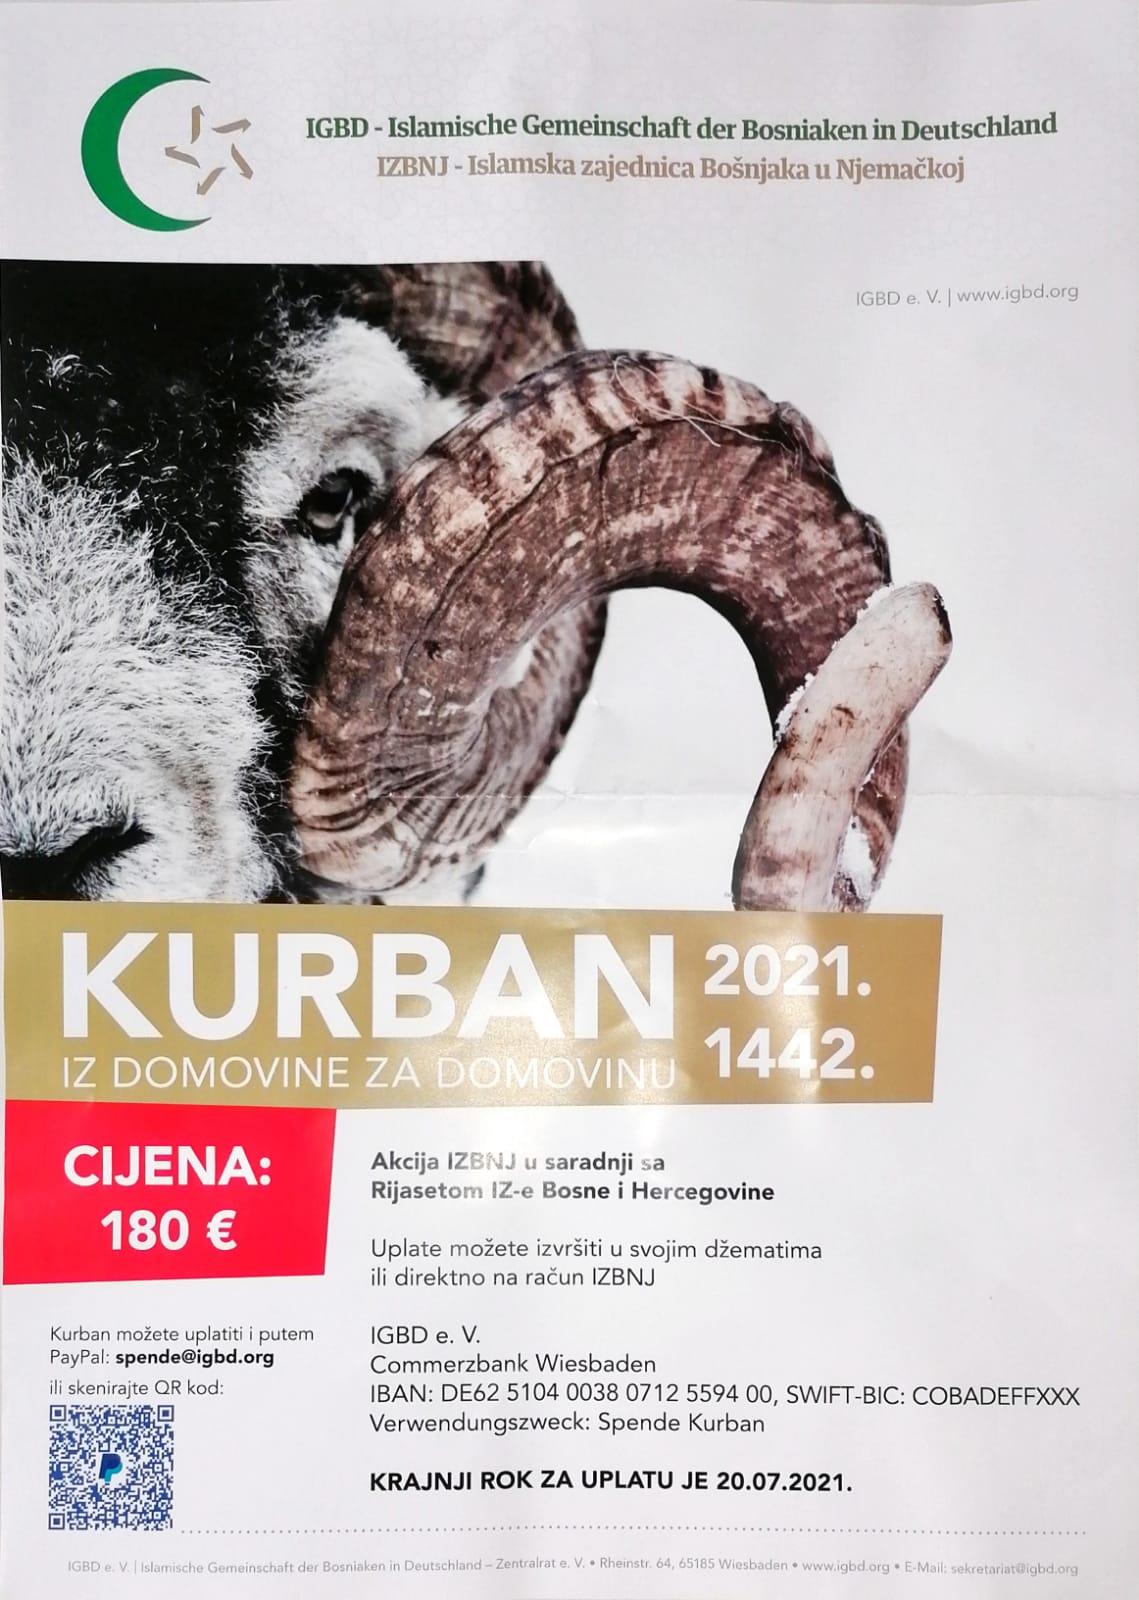 Obavijestenje o uplatama za Kurban 2021